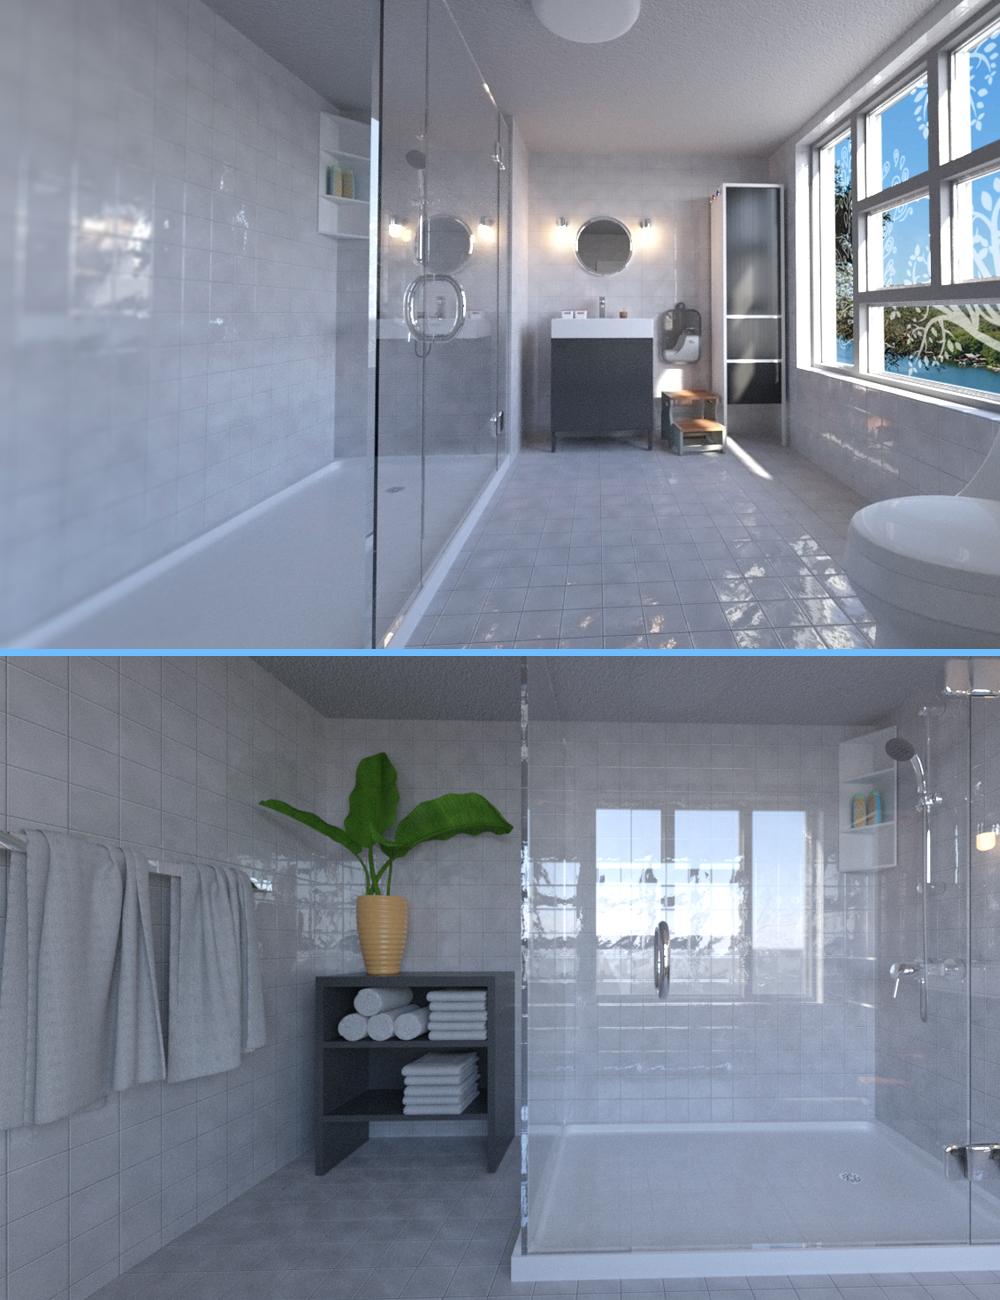 DL Modern Bathroom by: Digitallab3D, 3D Models by Daz 3D